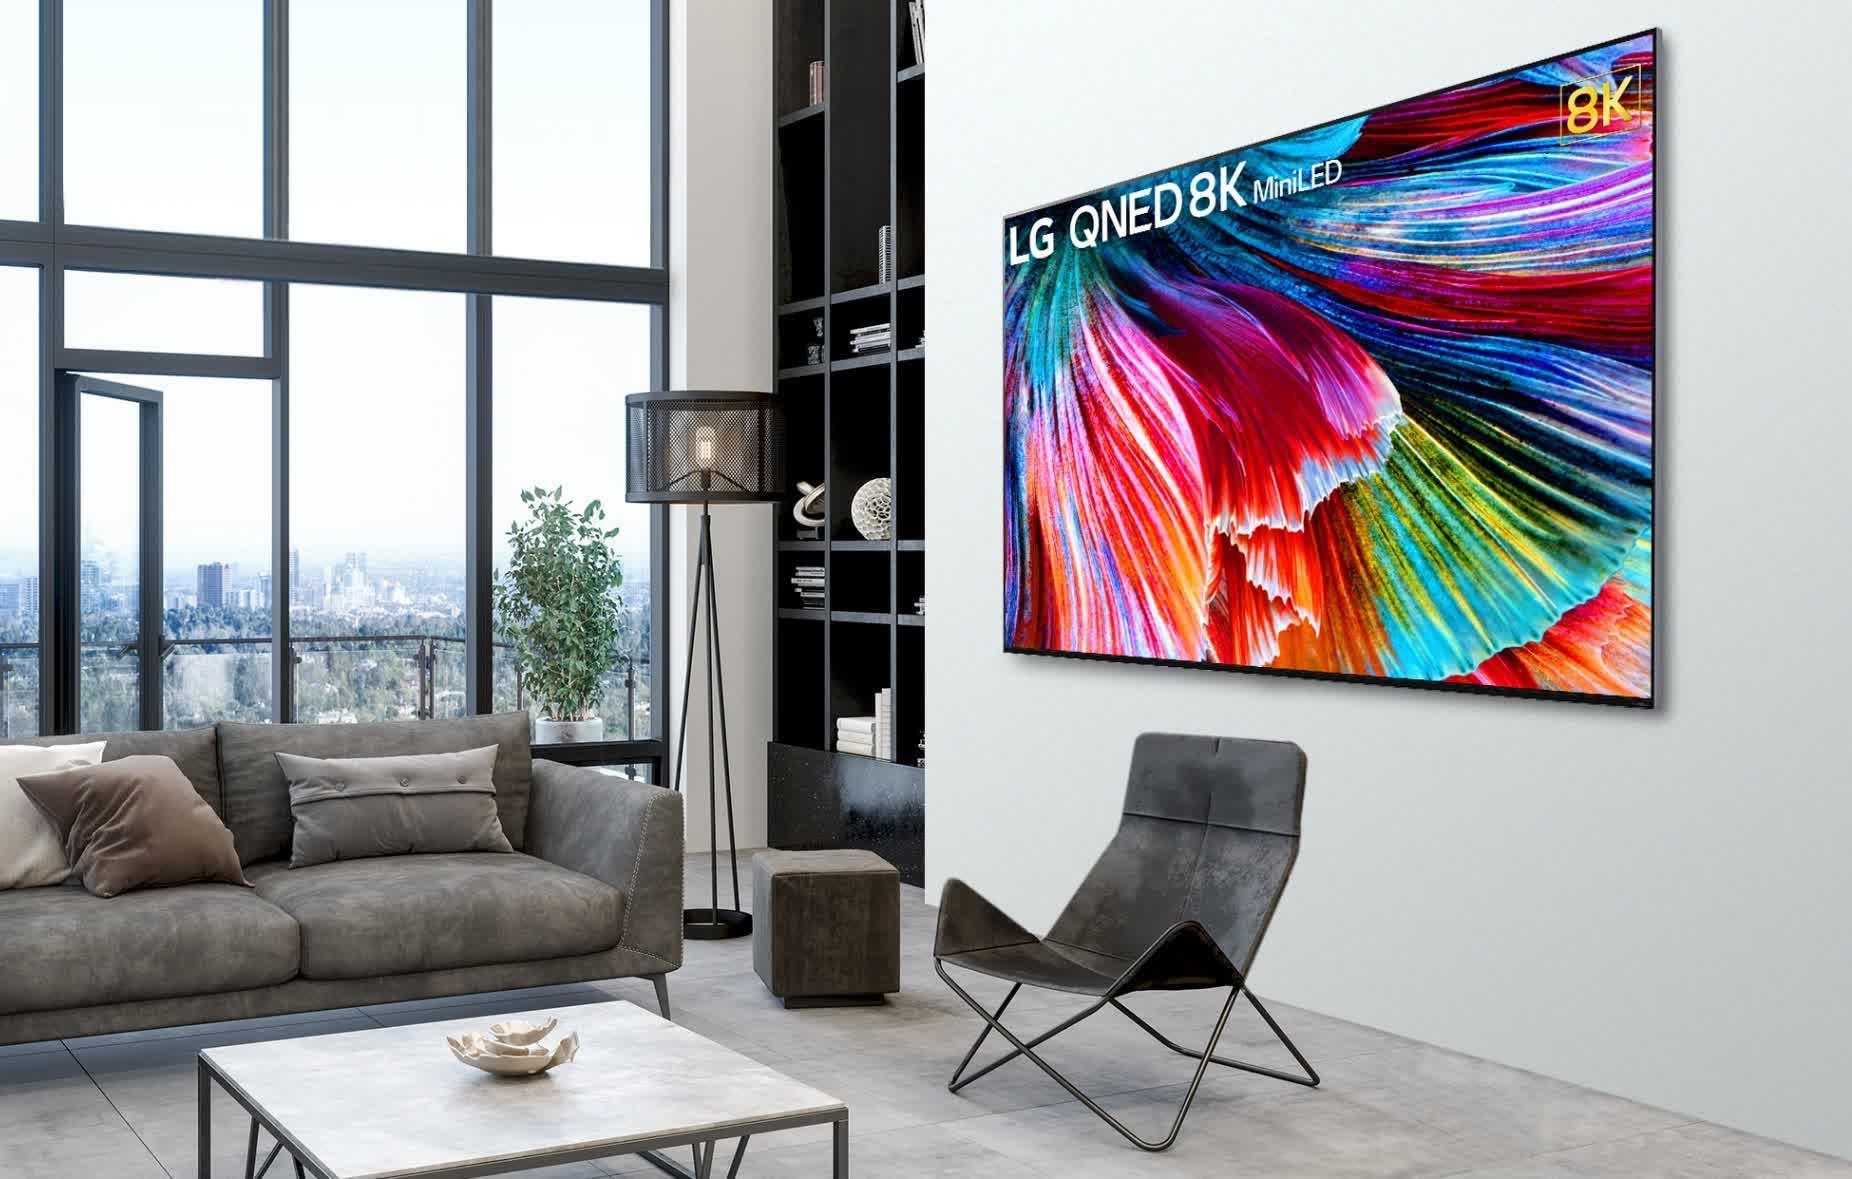 Les premiers televiseurs Mini LED de LG arrivent ce mois ci